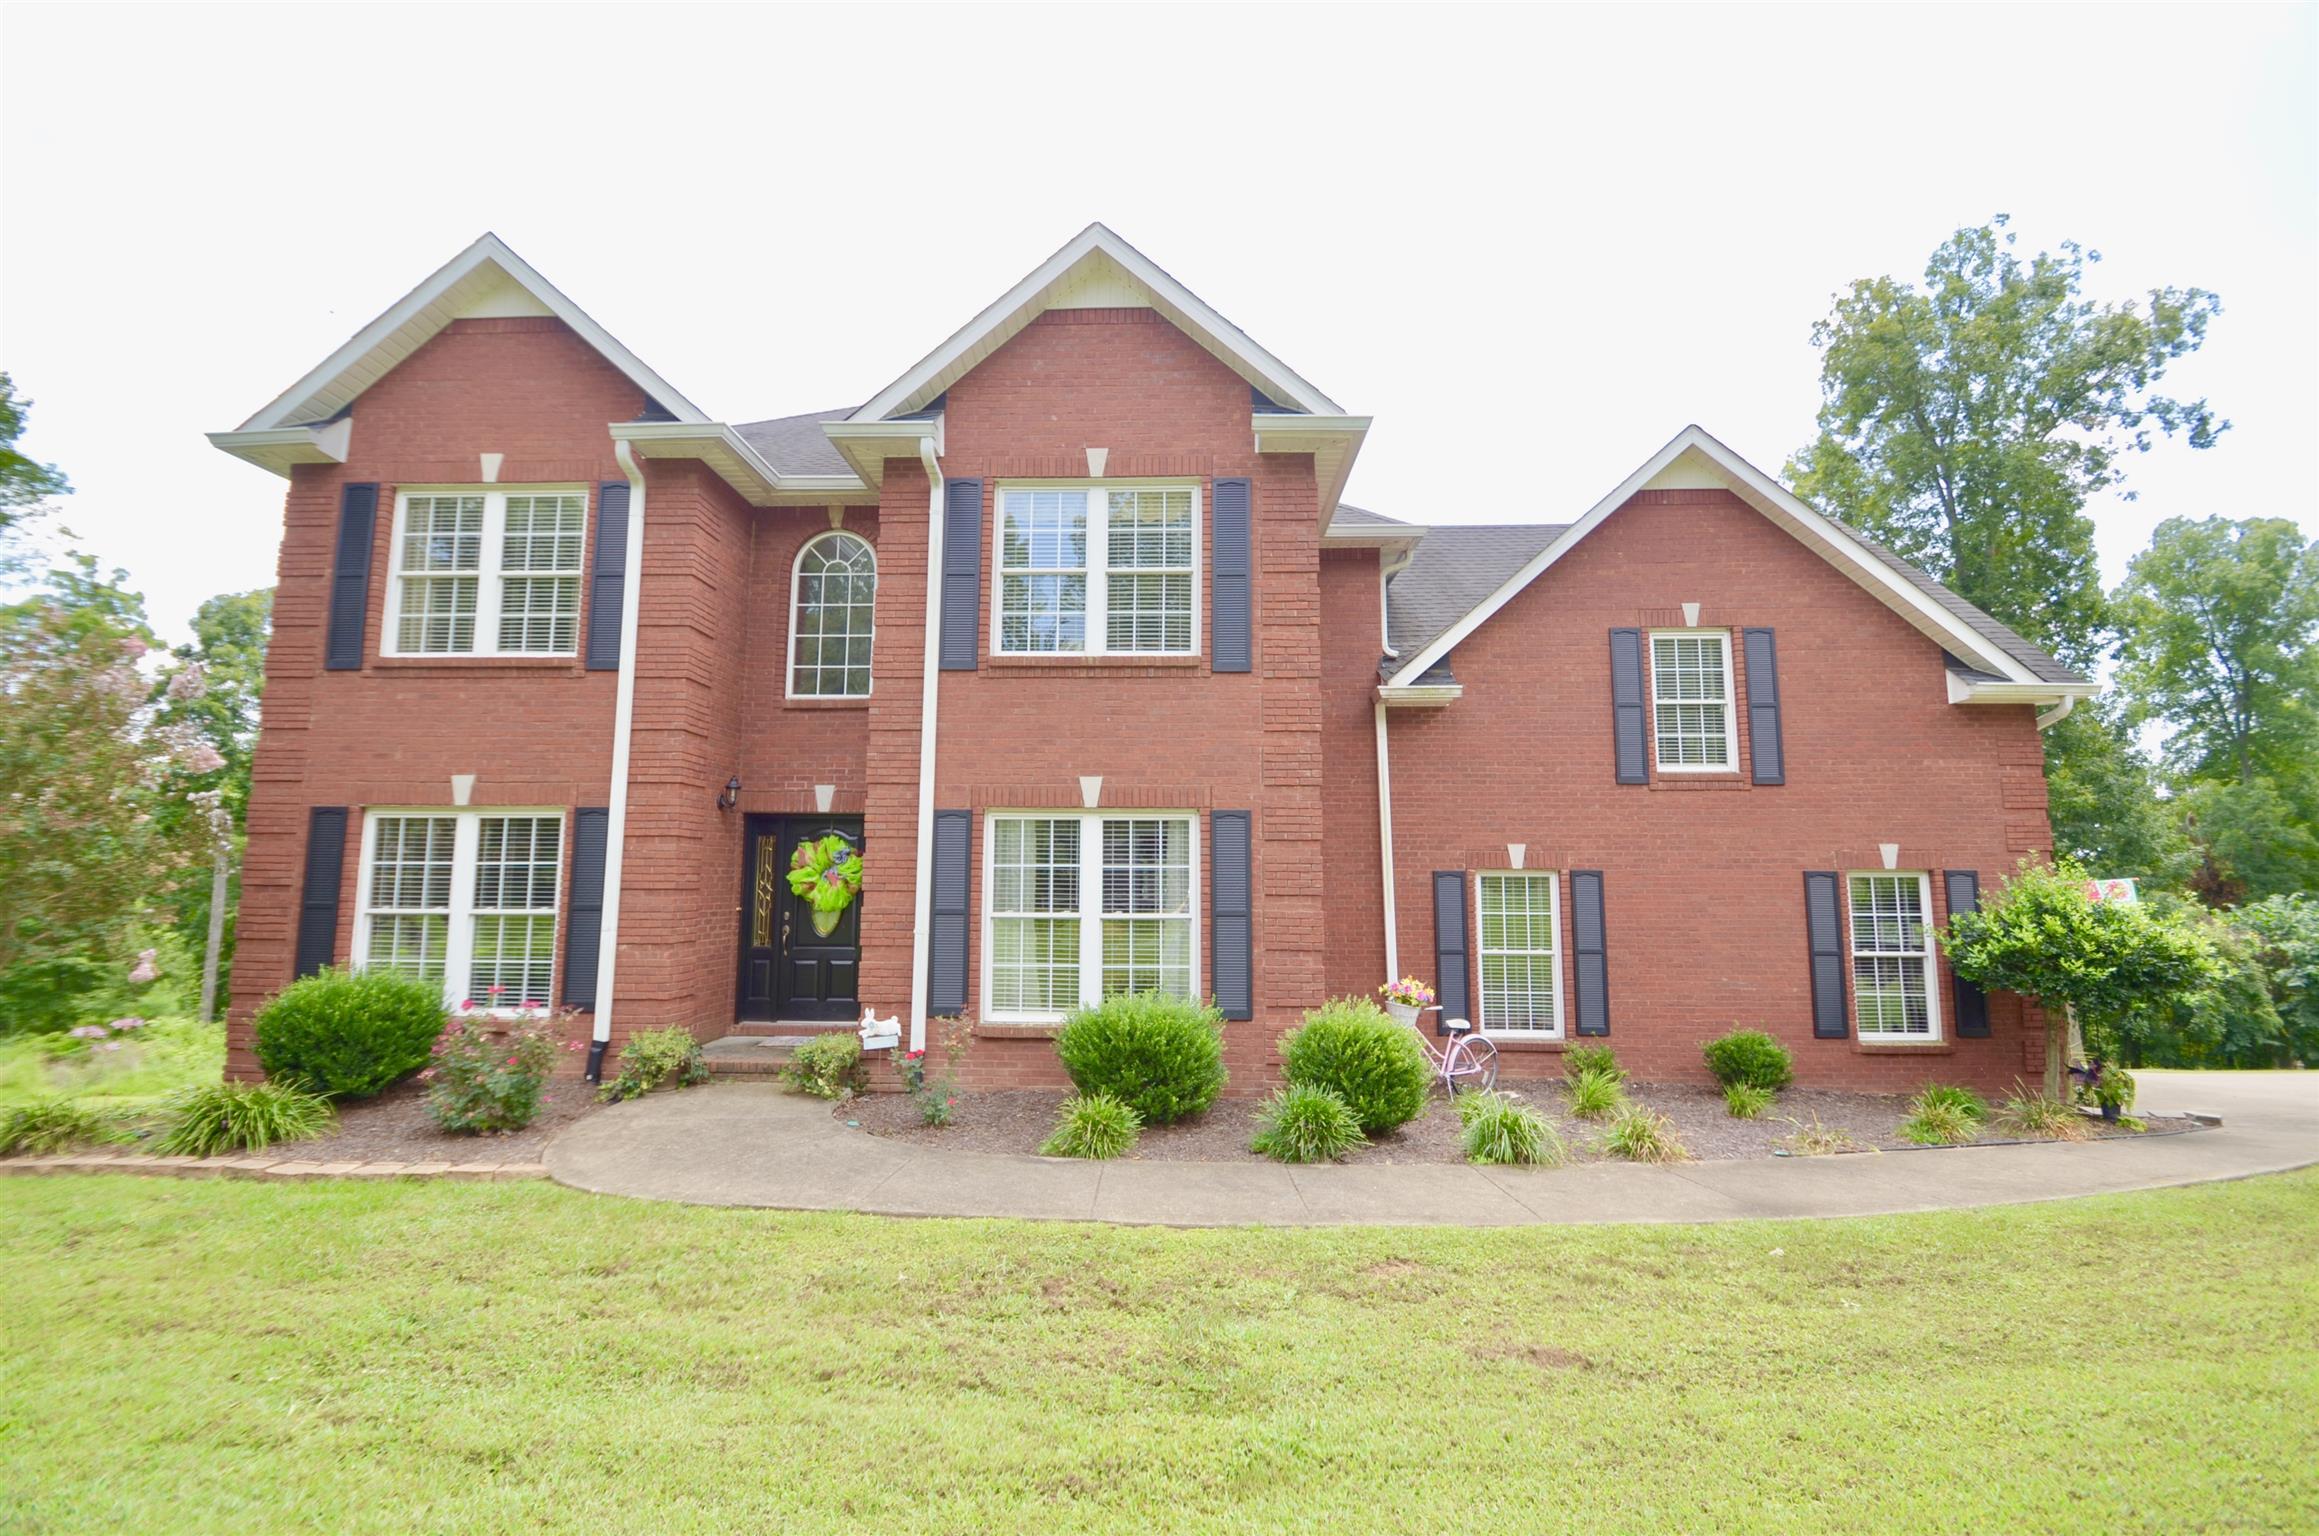 1550 Haynes Rd, Woodlawn, TN 37191 - Woodlawn, TN real estate listing